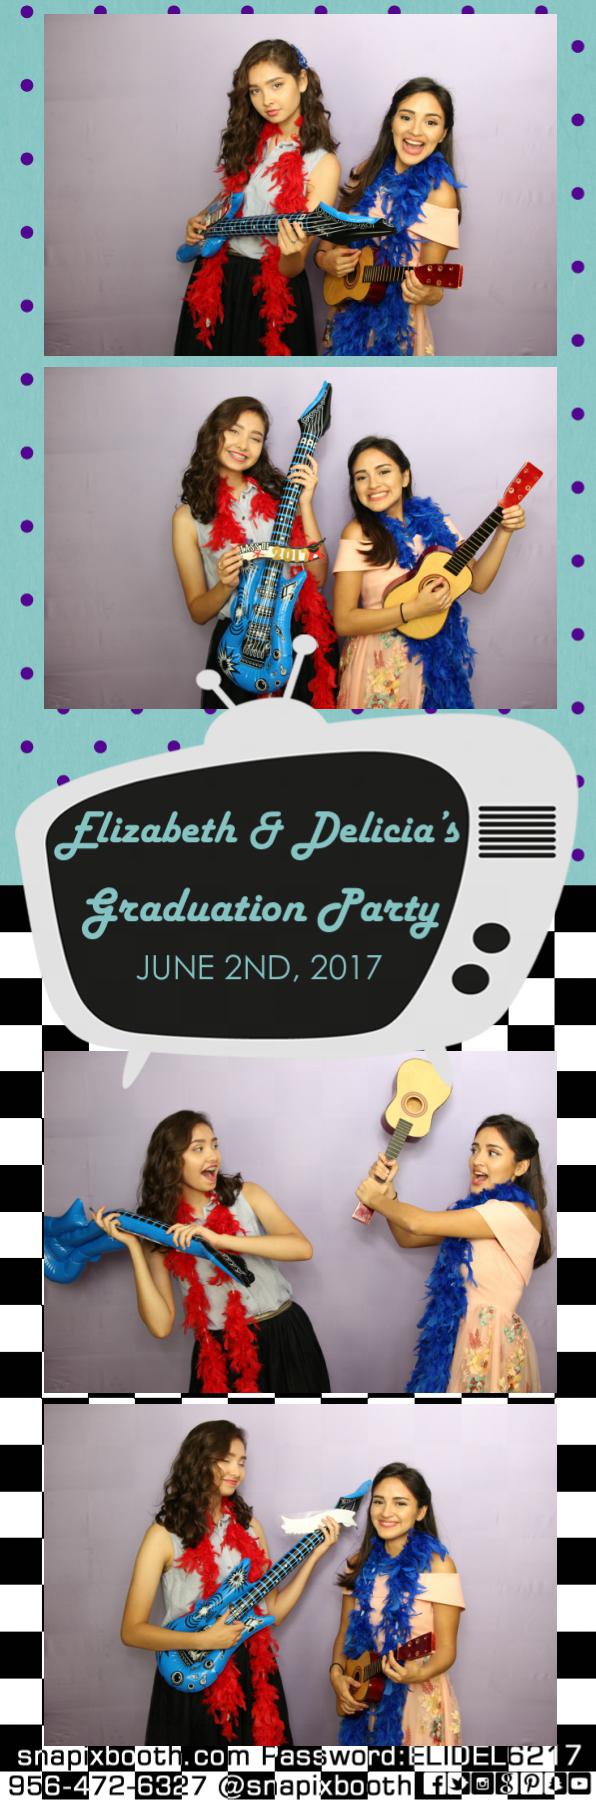 Elizabeth & Delicia's Grad Party